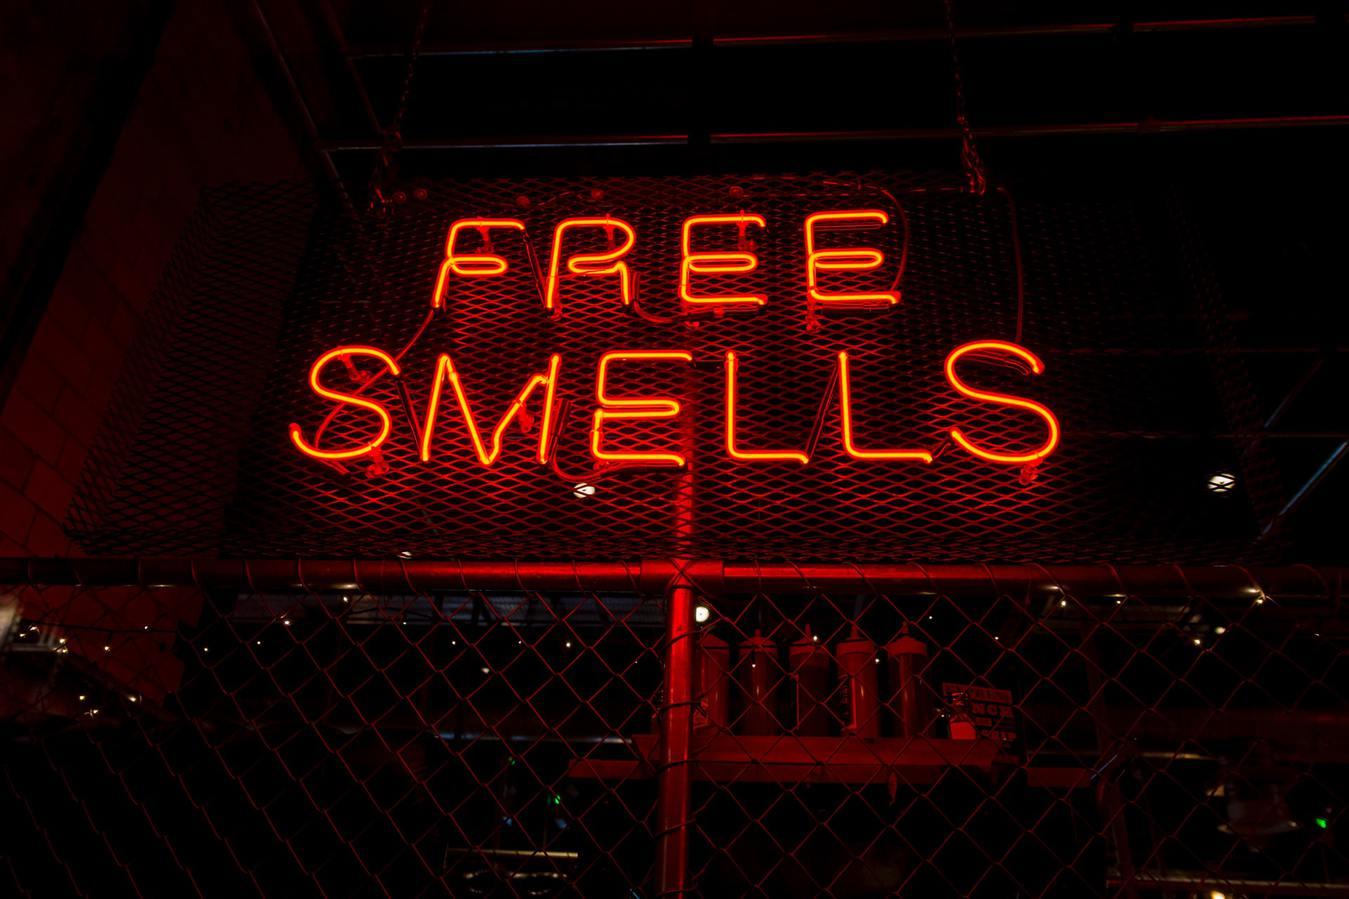 Sinal em neon Free Smells com um fundo preto